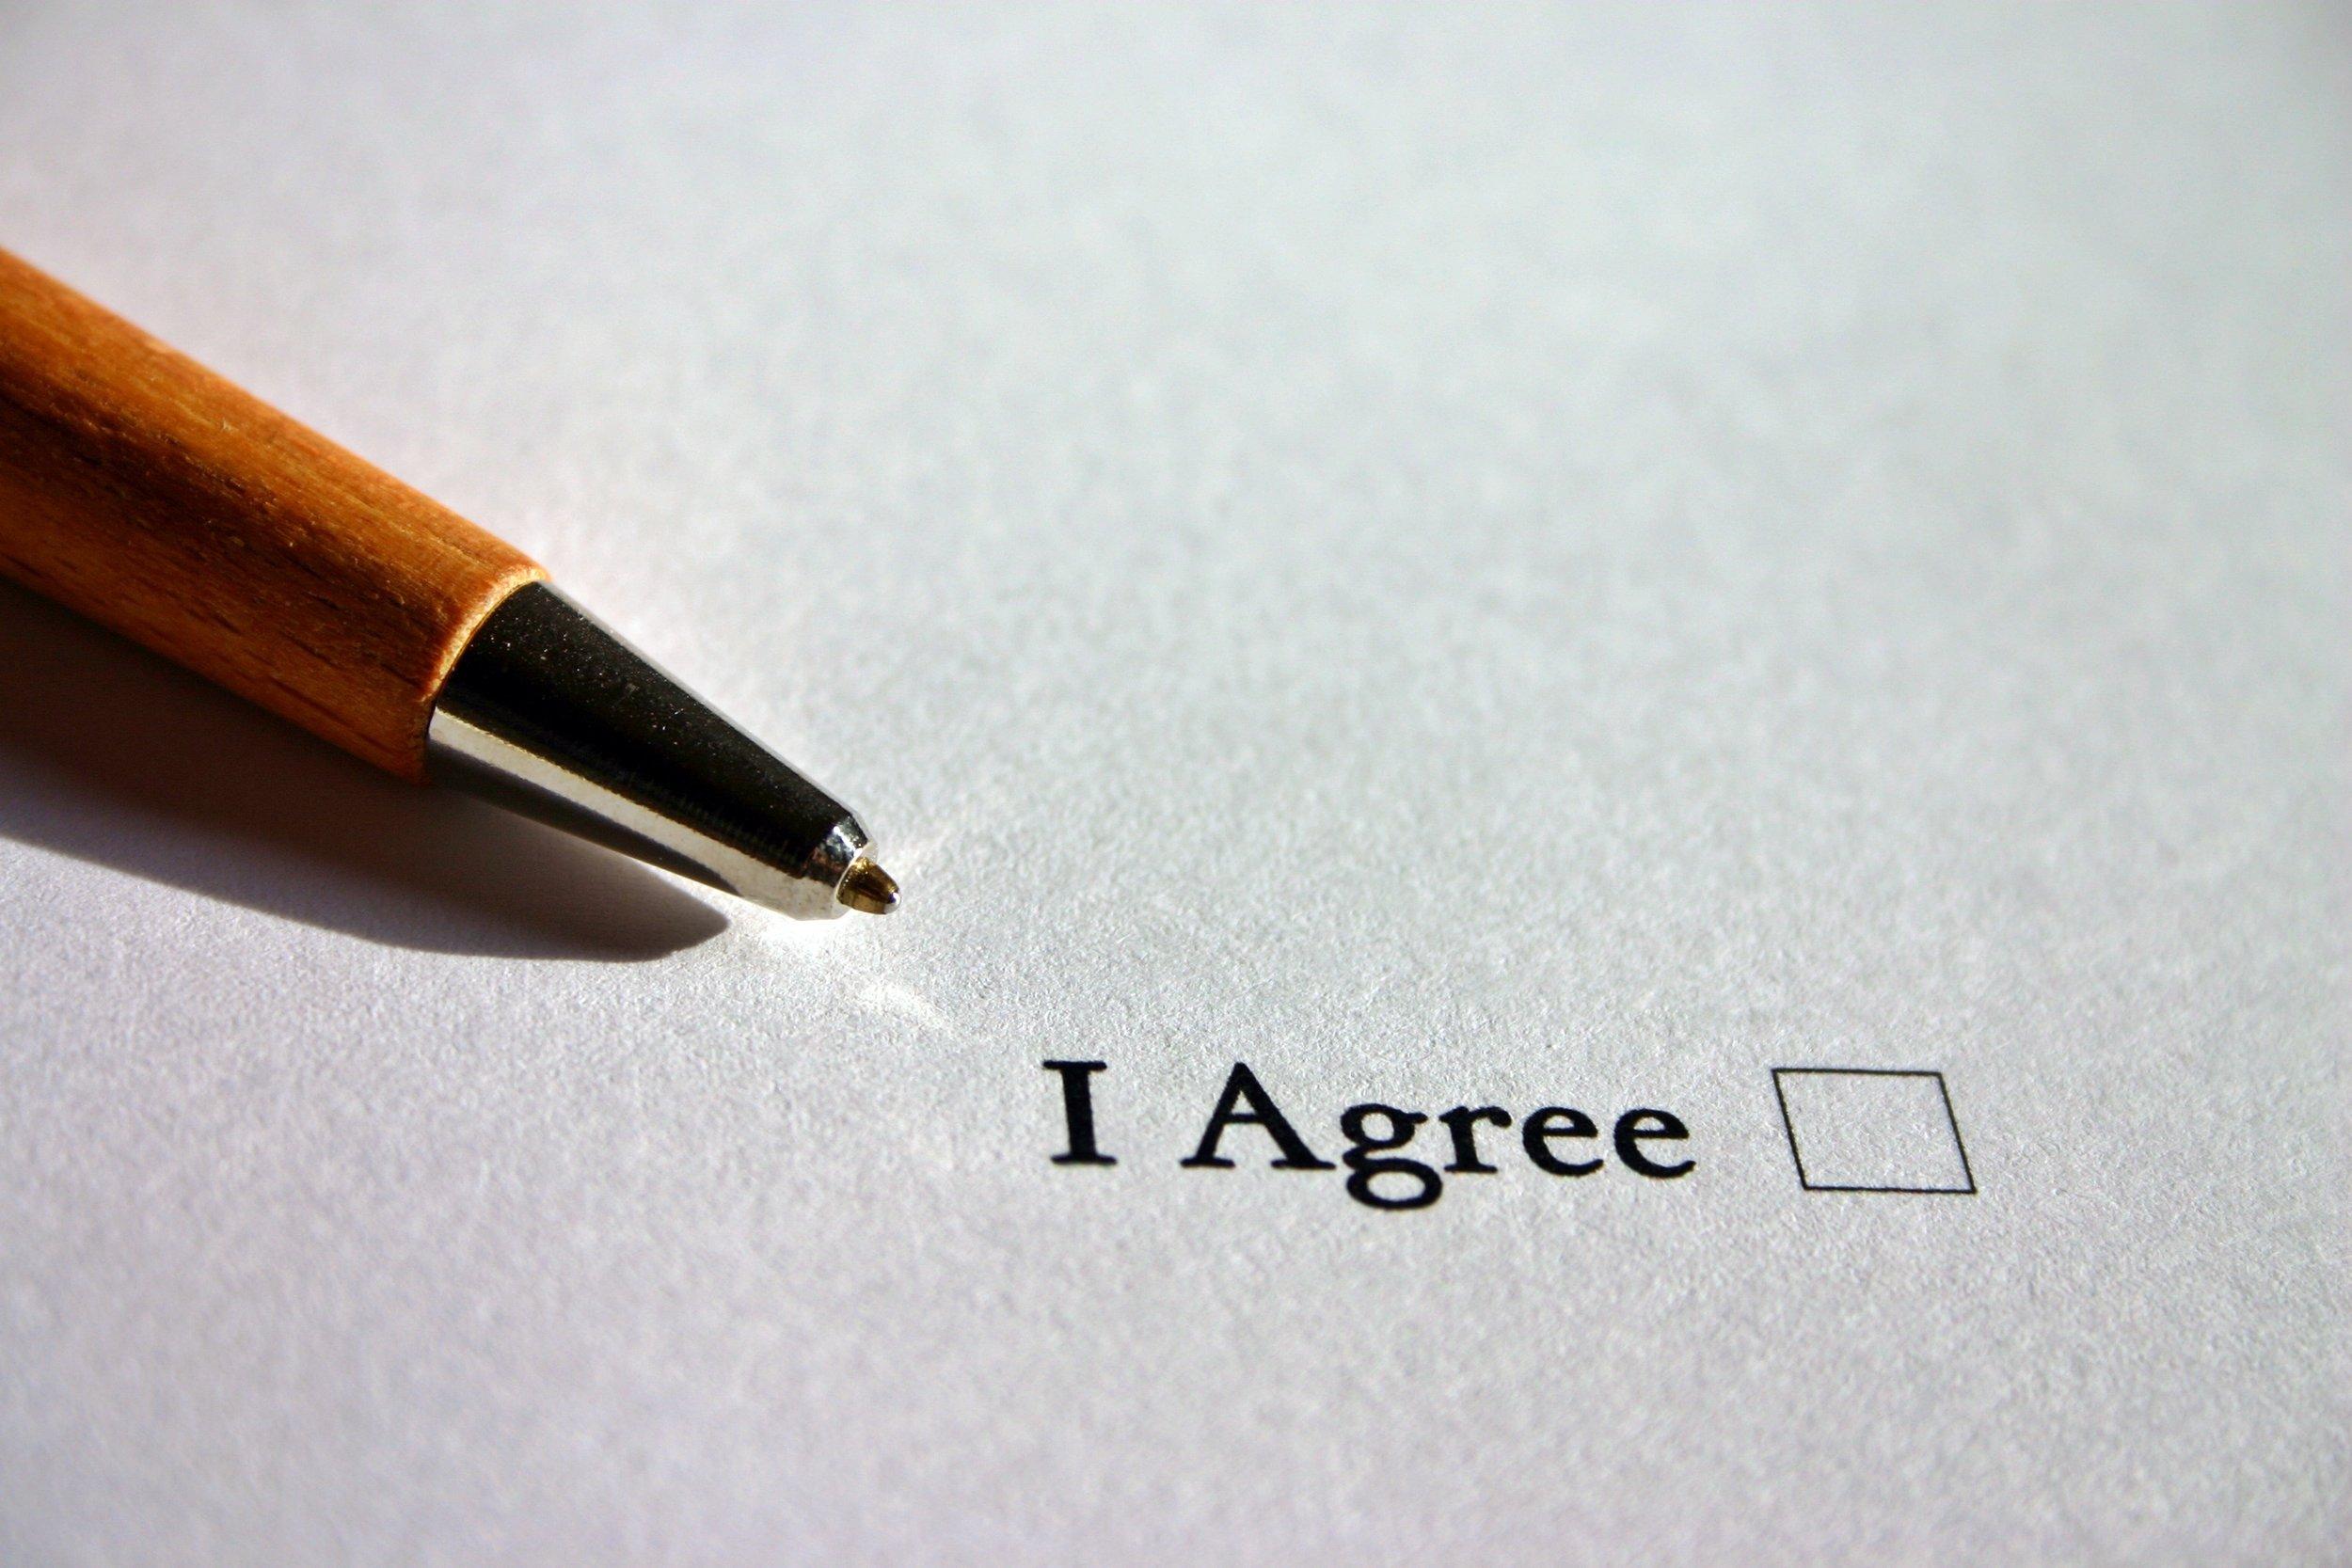 writing-pen-business-cross-paper-arrangement-449195-pxhere.com.jpg